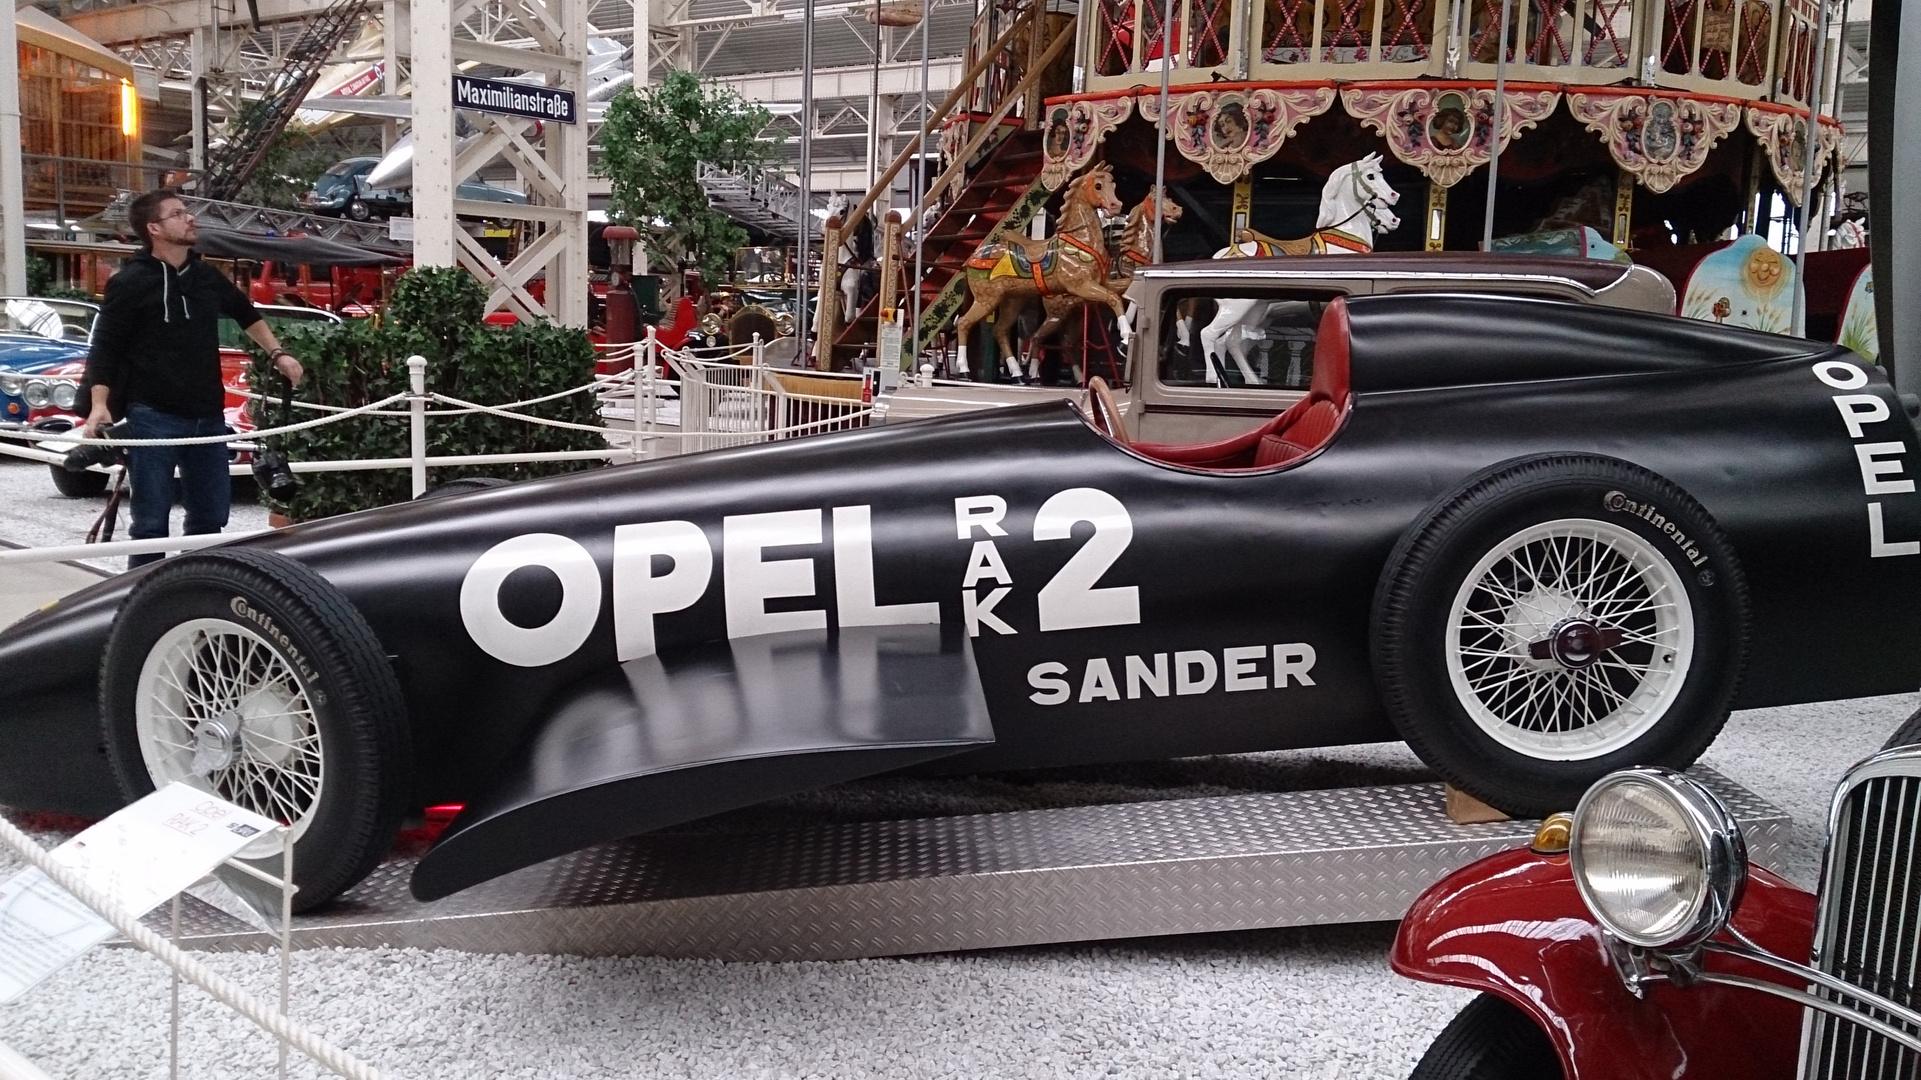 Opel Power